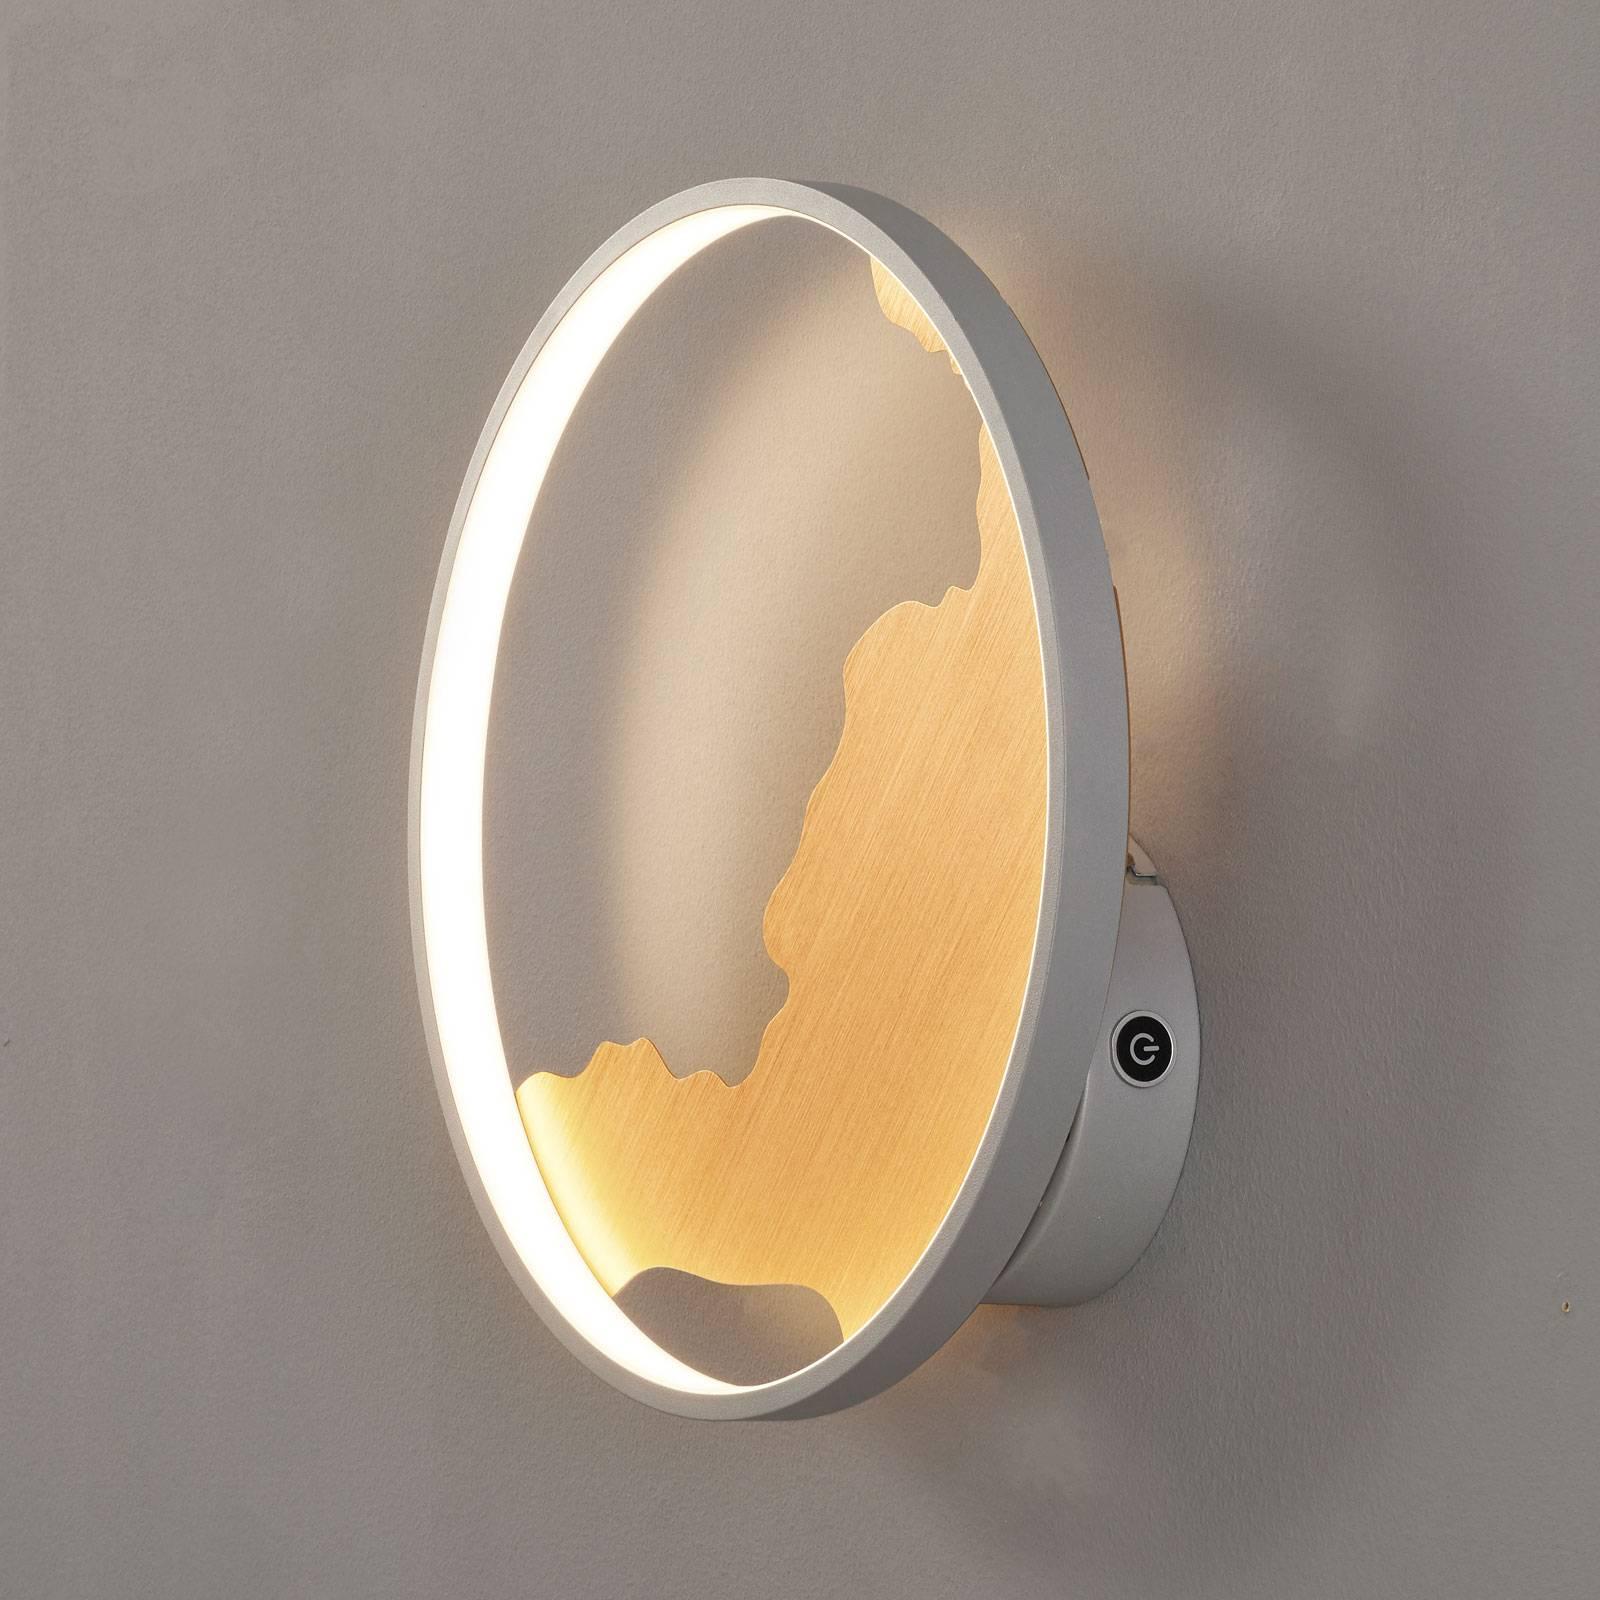 LED wandlamp Modesto met gouden decoratie